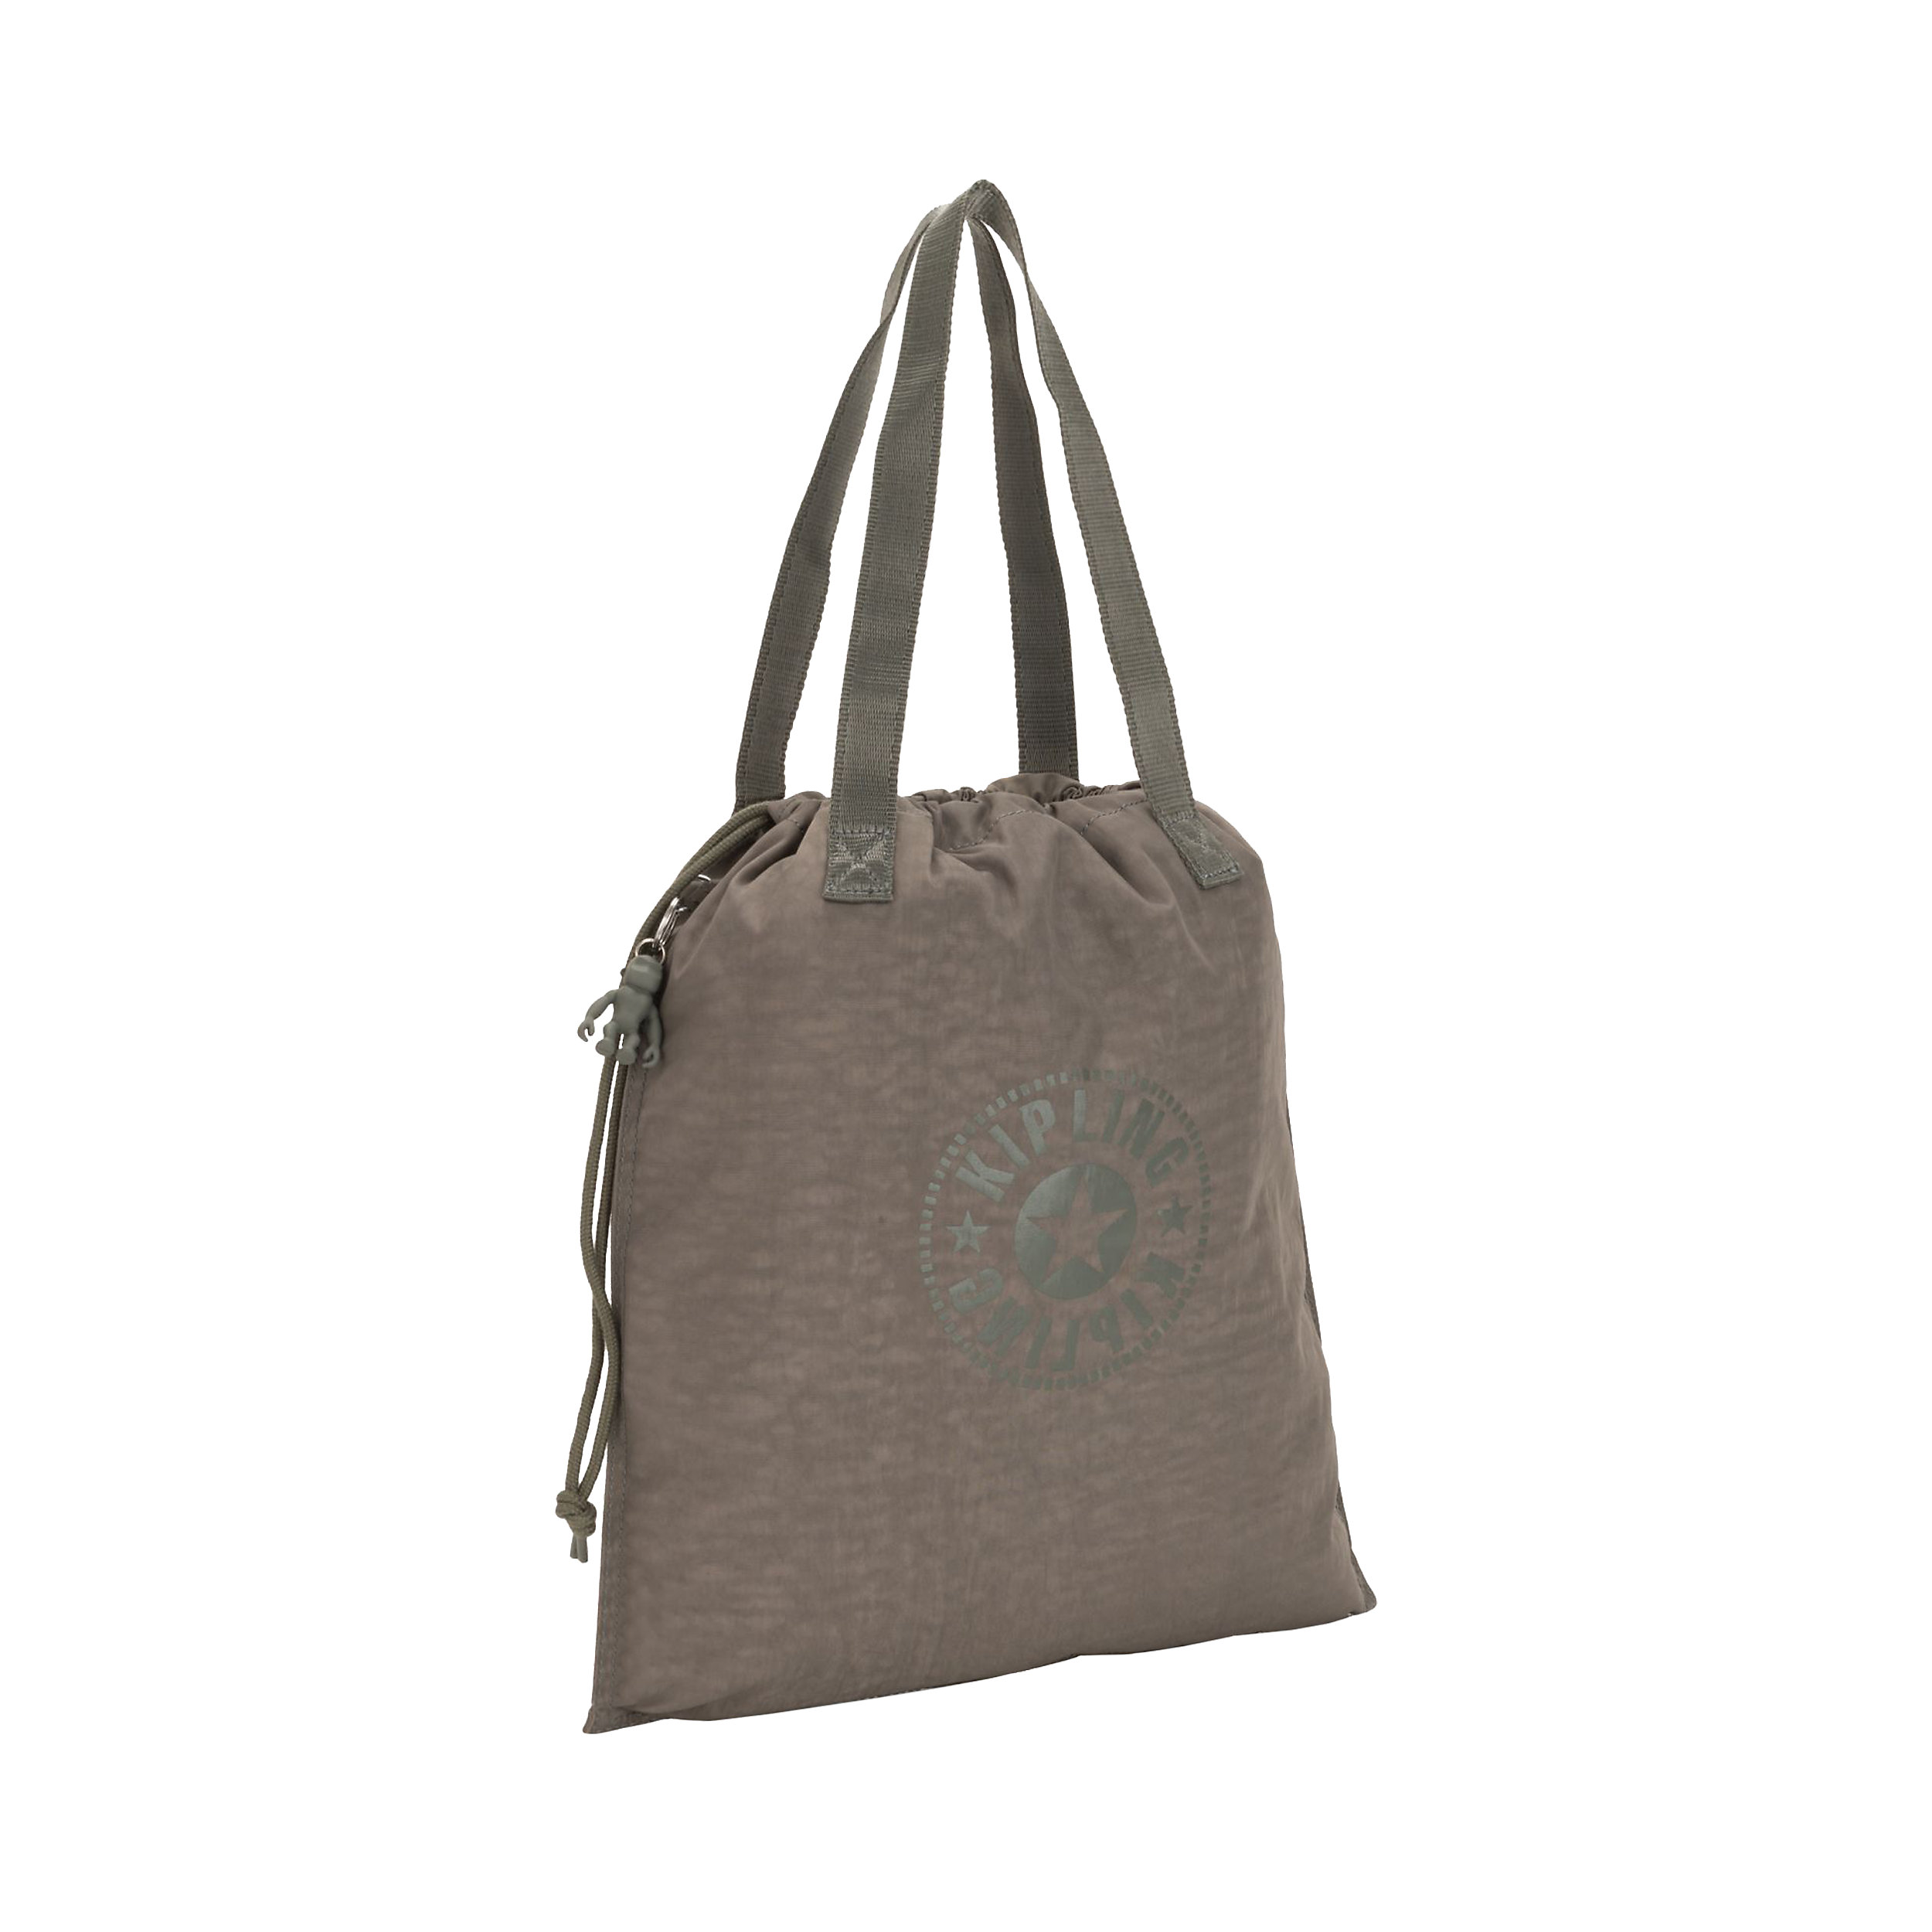 Shoulder Bag New Hiphurray foldable Basic 15 Liter